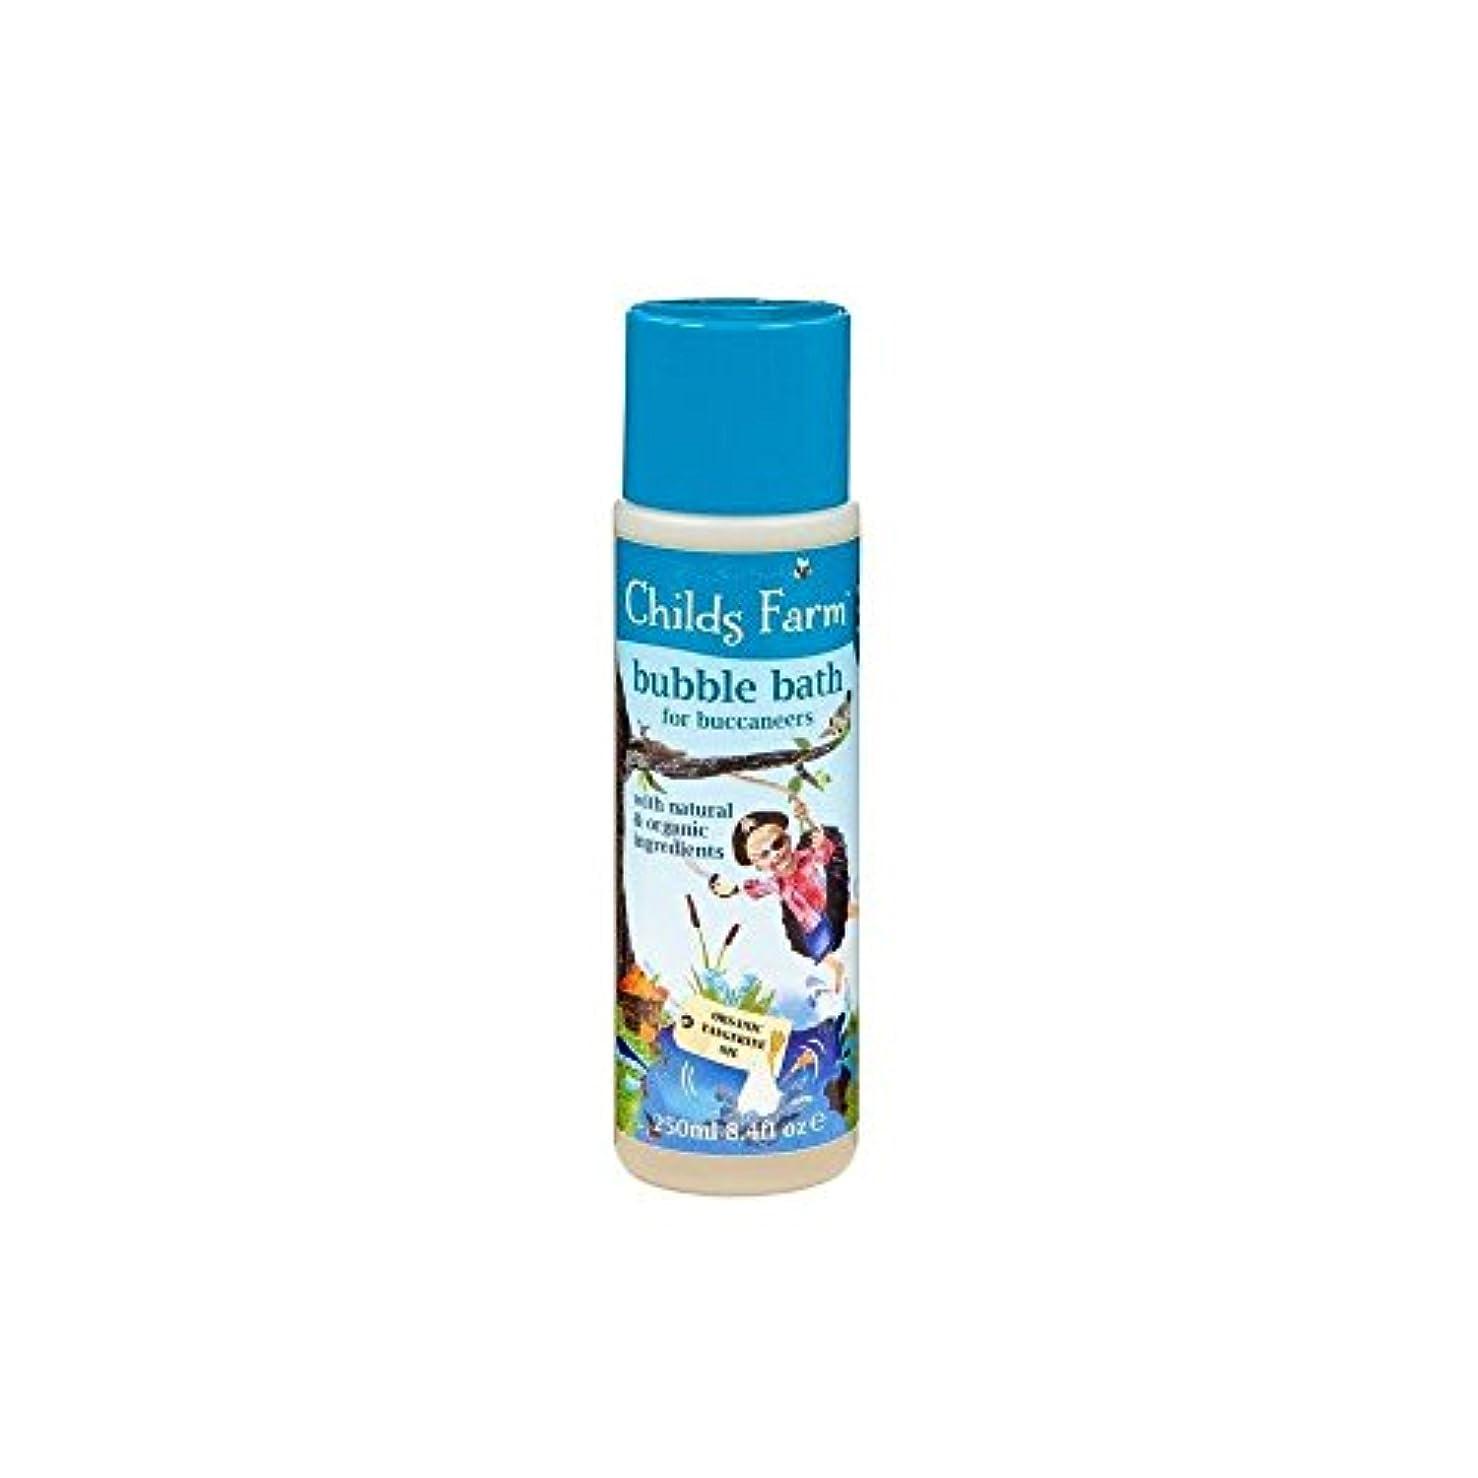 マキシムタイプライターディプロマChilds Farm Get Your Feet Wet! Bubble Bath for Bucanneers! (250ml) チャイルズファームは、あなたの足が濡れる! Bucanneersための泡風呂! ( 250...